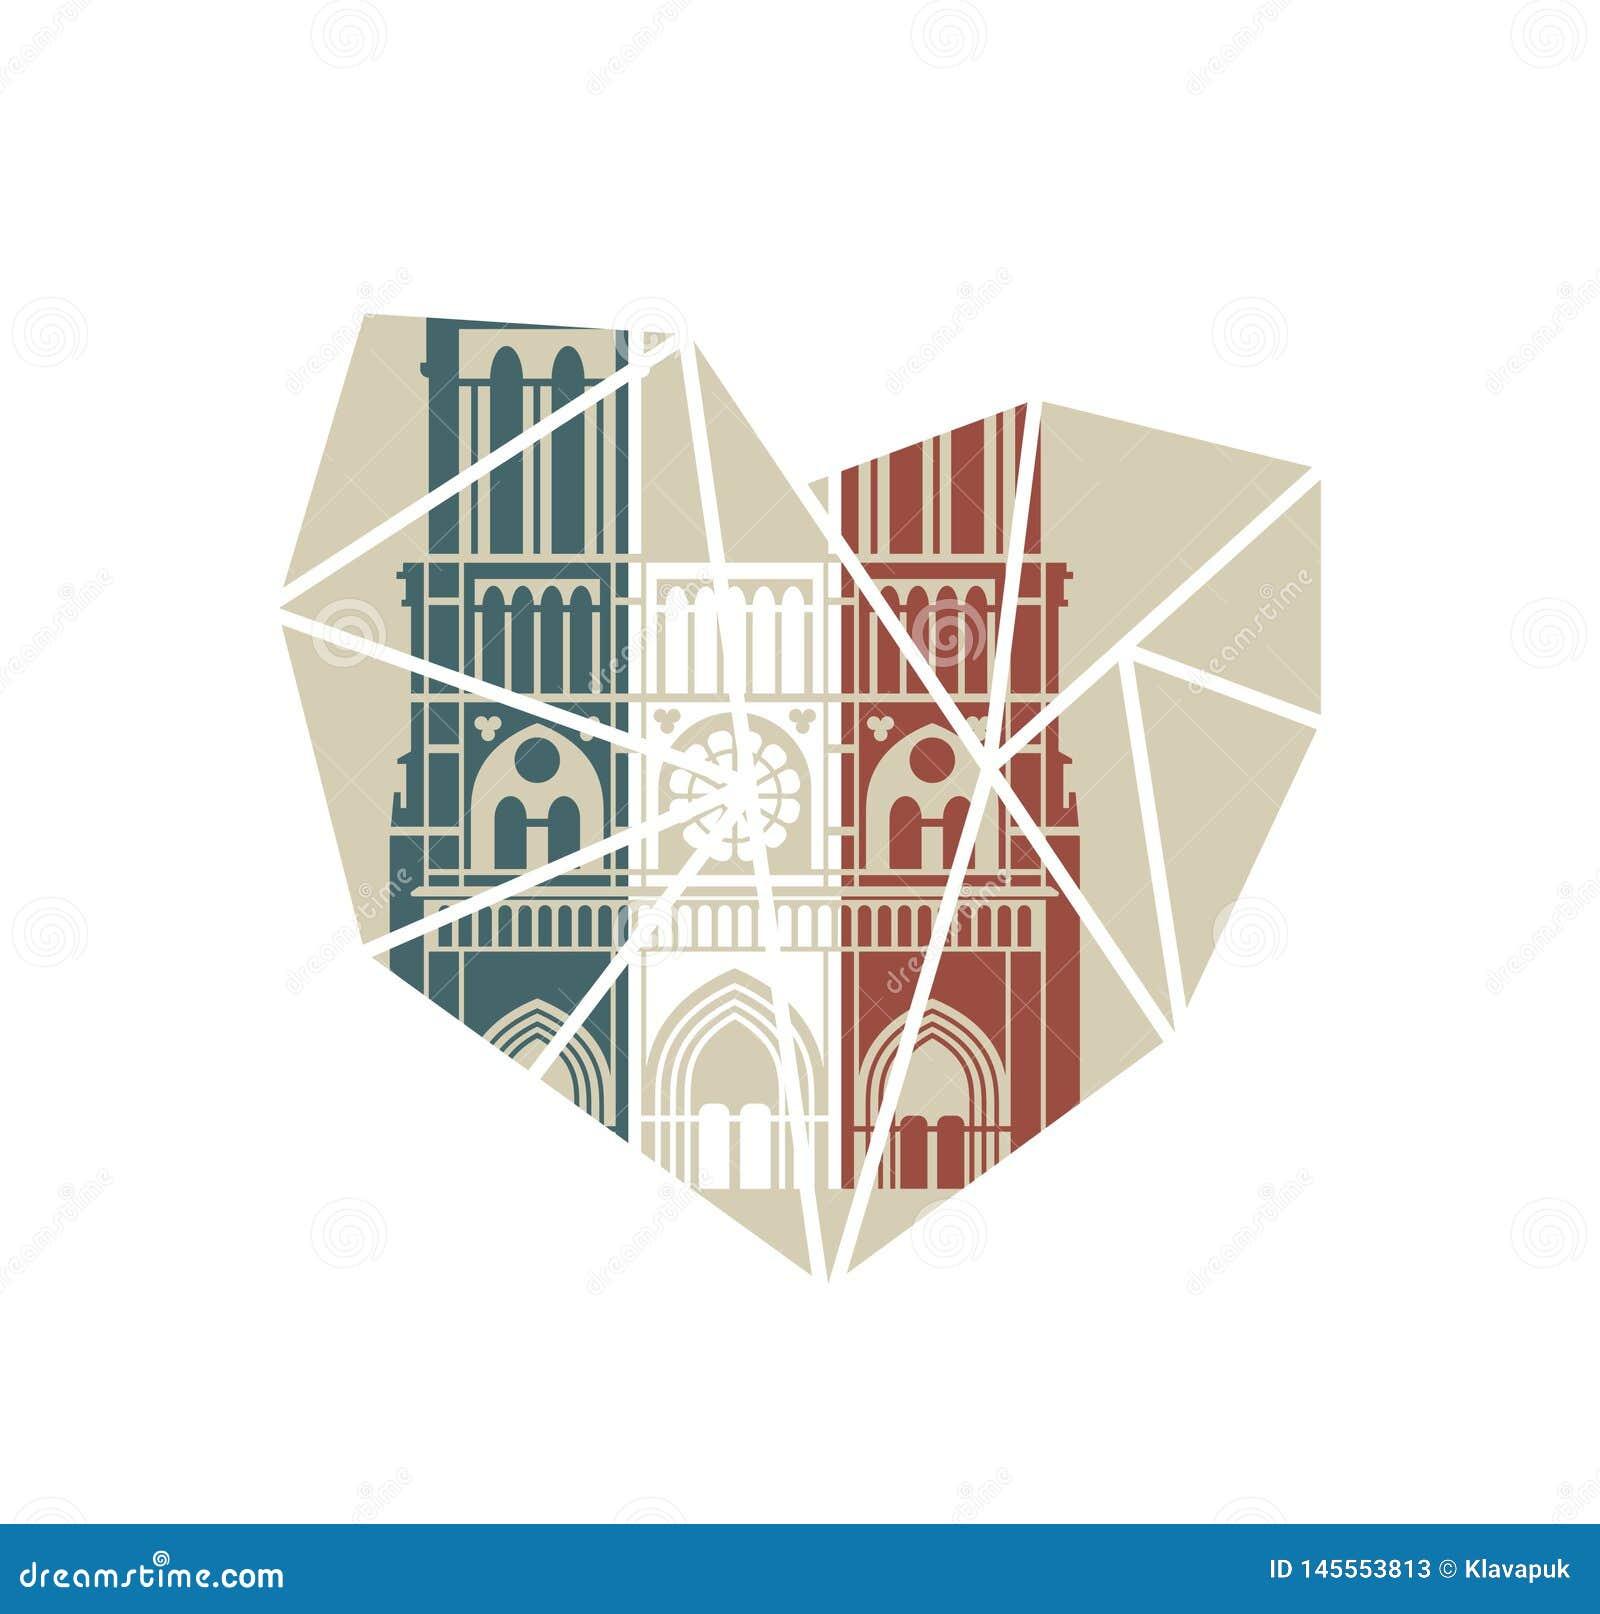 Notre Dame de Paris Cathedral in de kleuren van de Franse vlag Vector vlak pictogram in de vorm van een gebroken hart